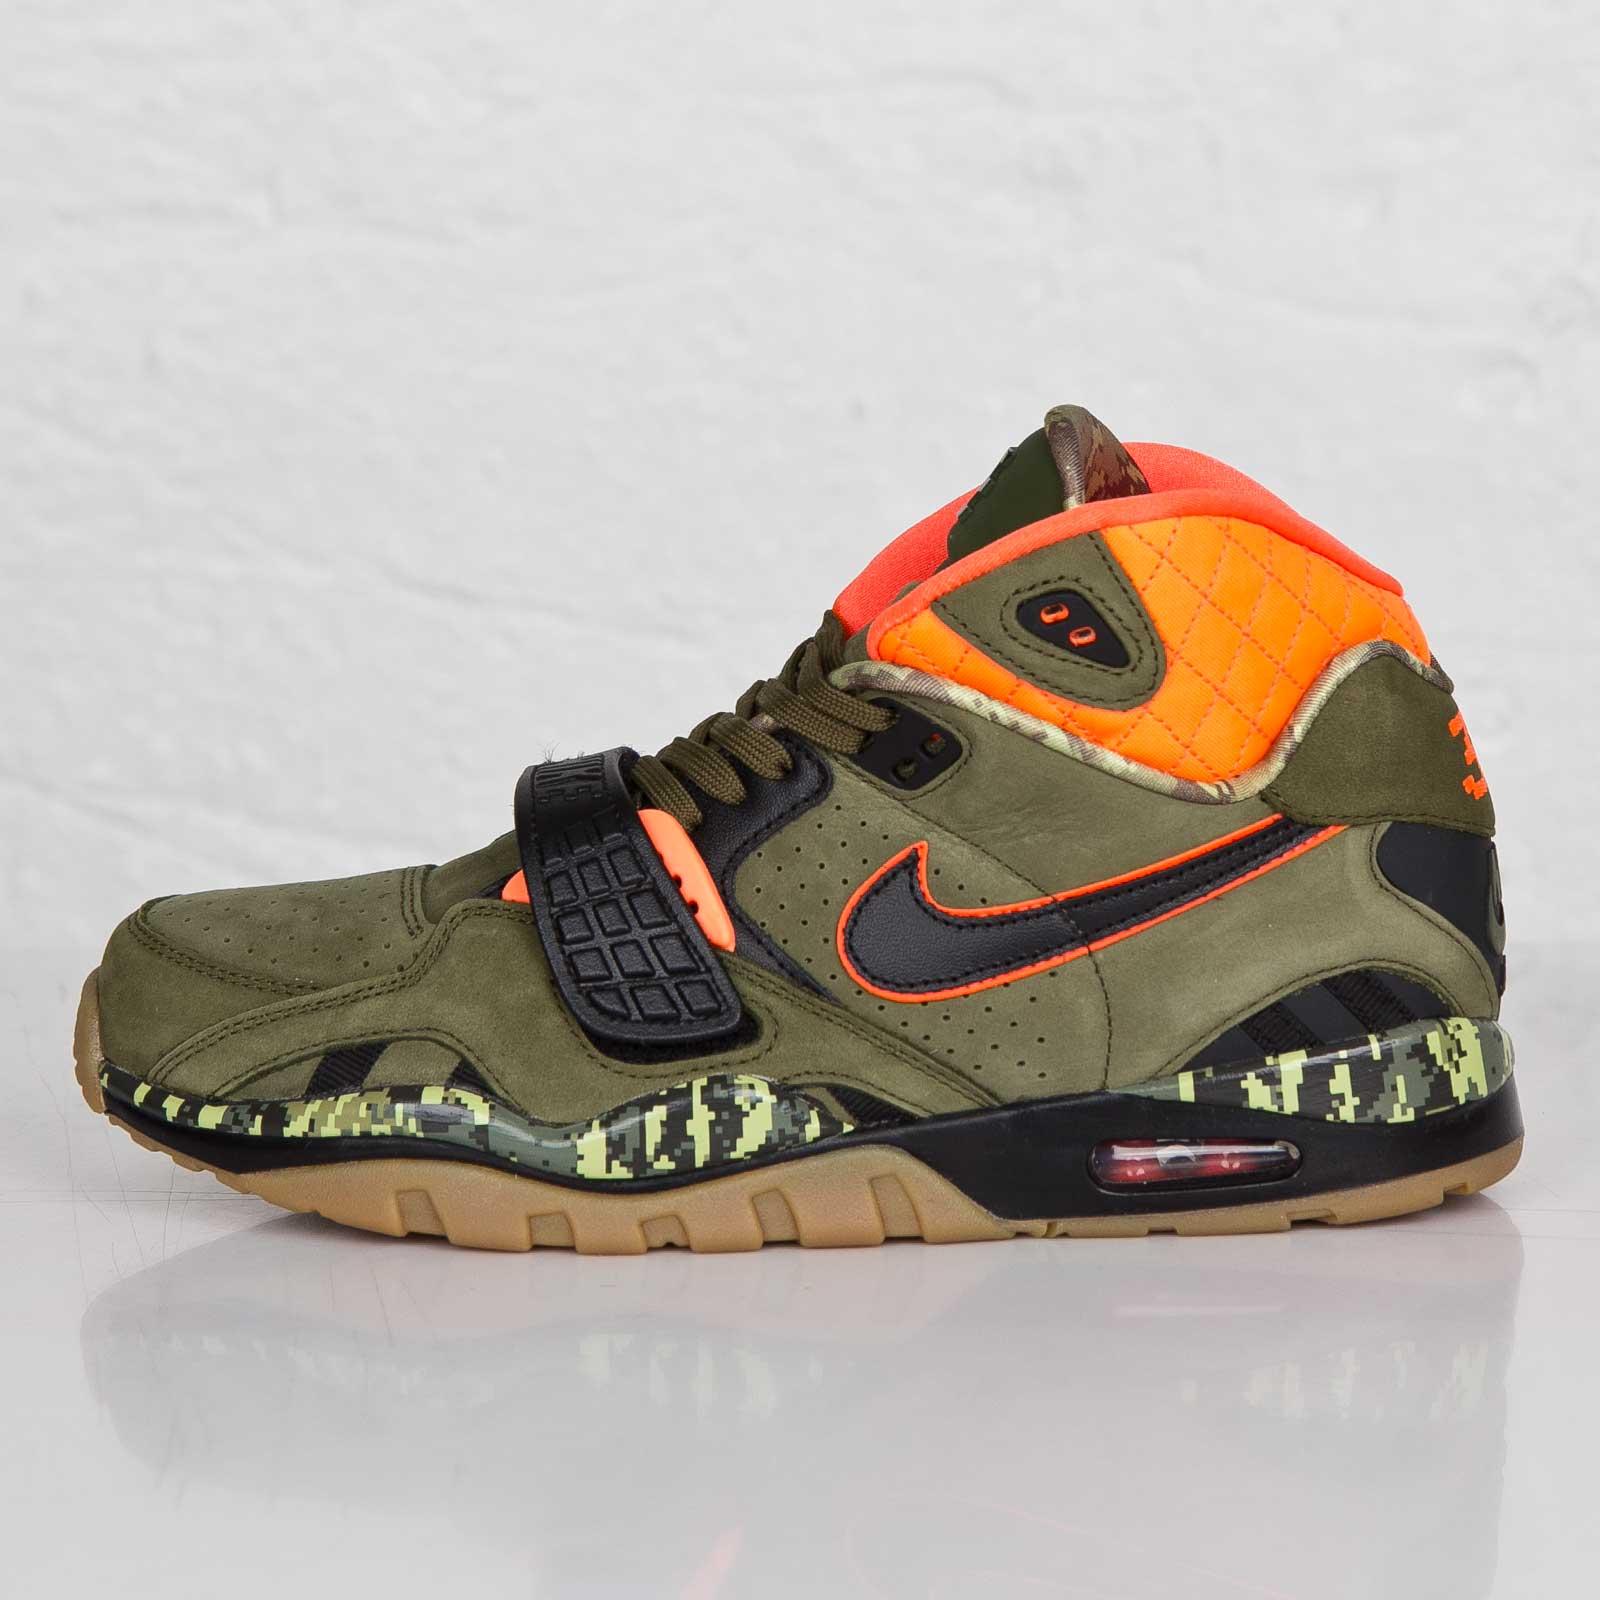 los angeles 25be0 ea0c3 Nike Air Trainer SC II PRM QS - 637804-300 - Sneakersnstuff   sneakers    streetwear online since 1999